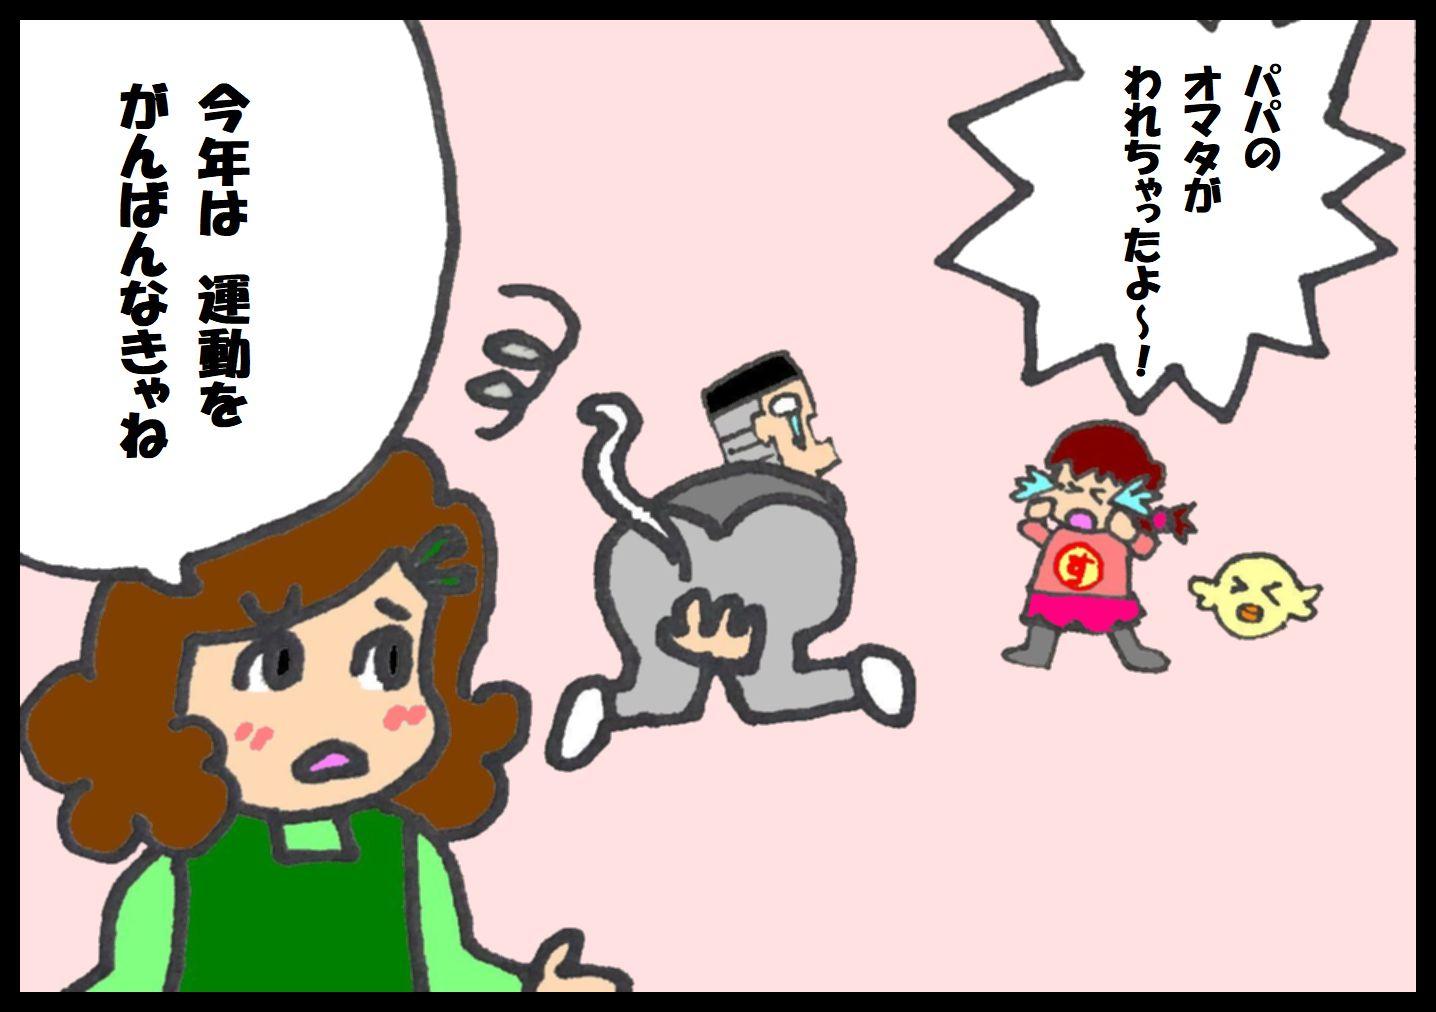 『夕やけちょこ』その21「あけましておめで、とう!」(4)